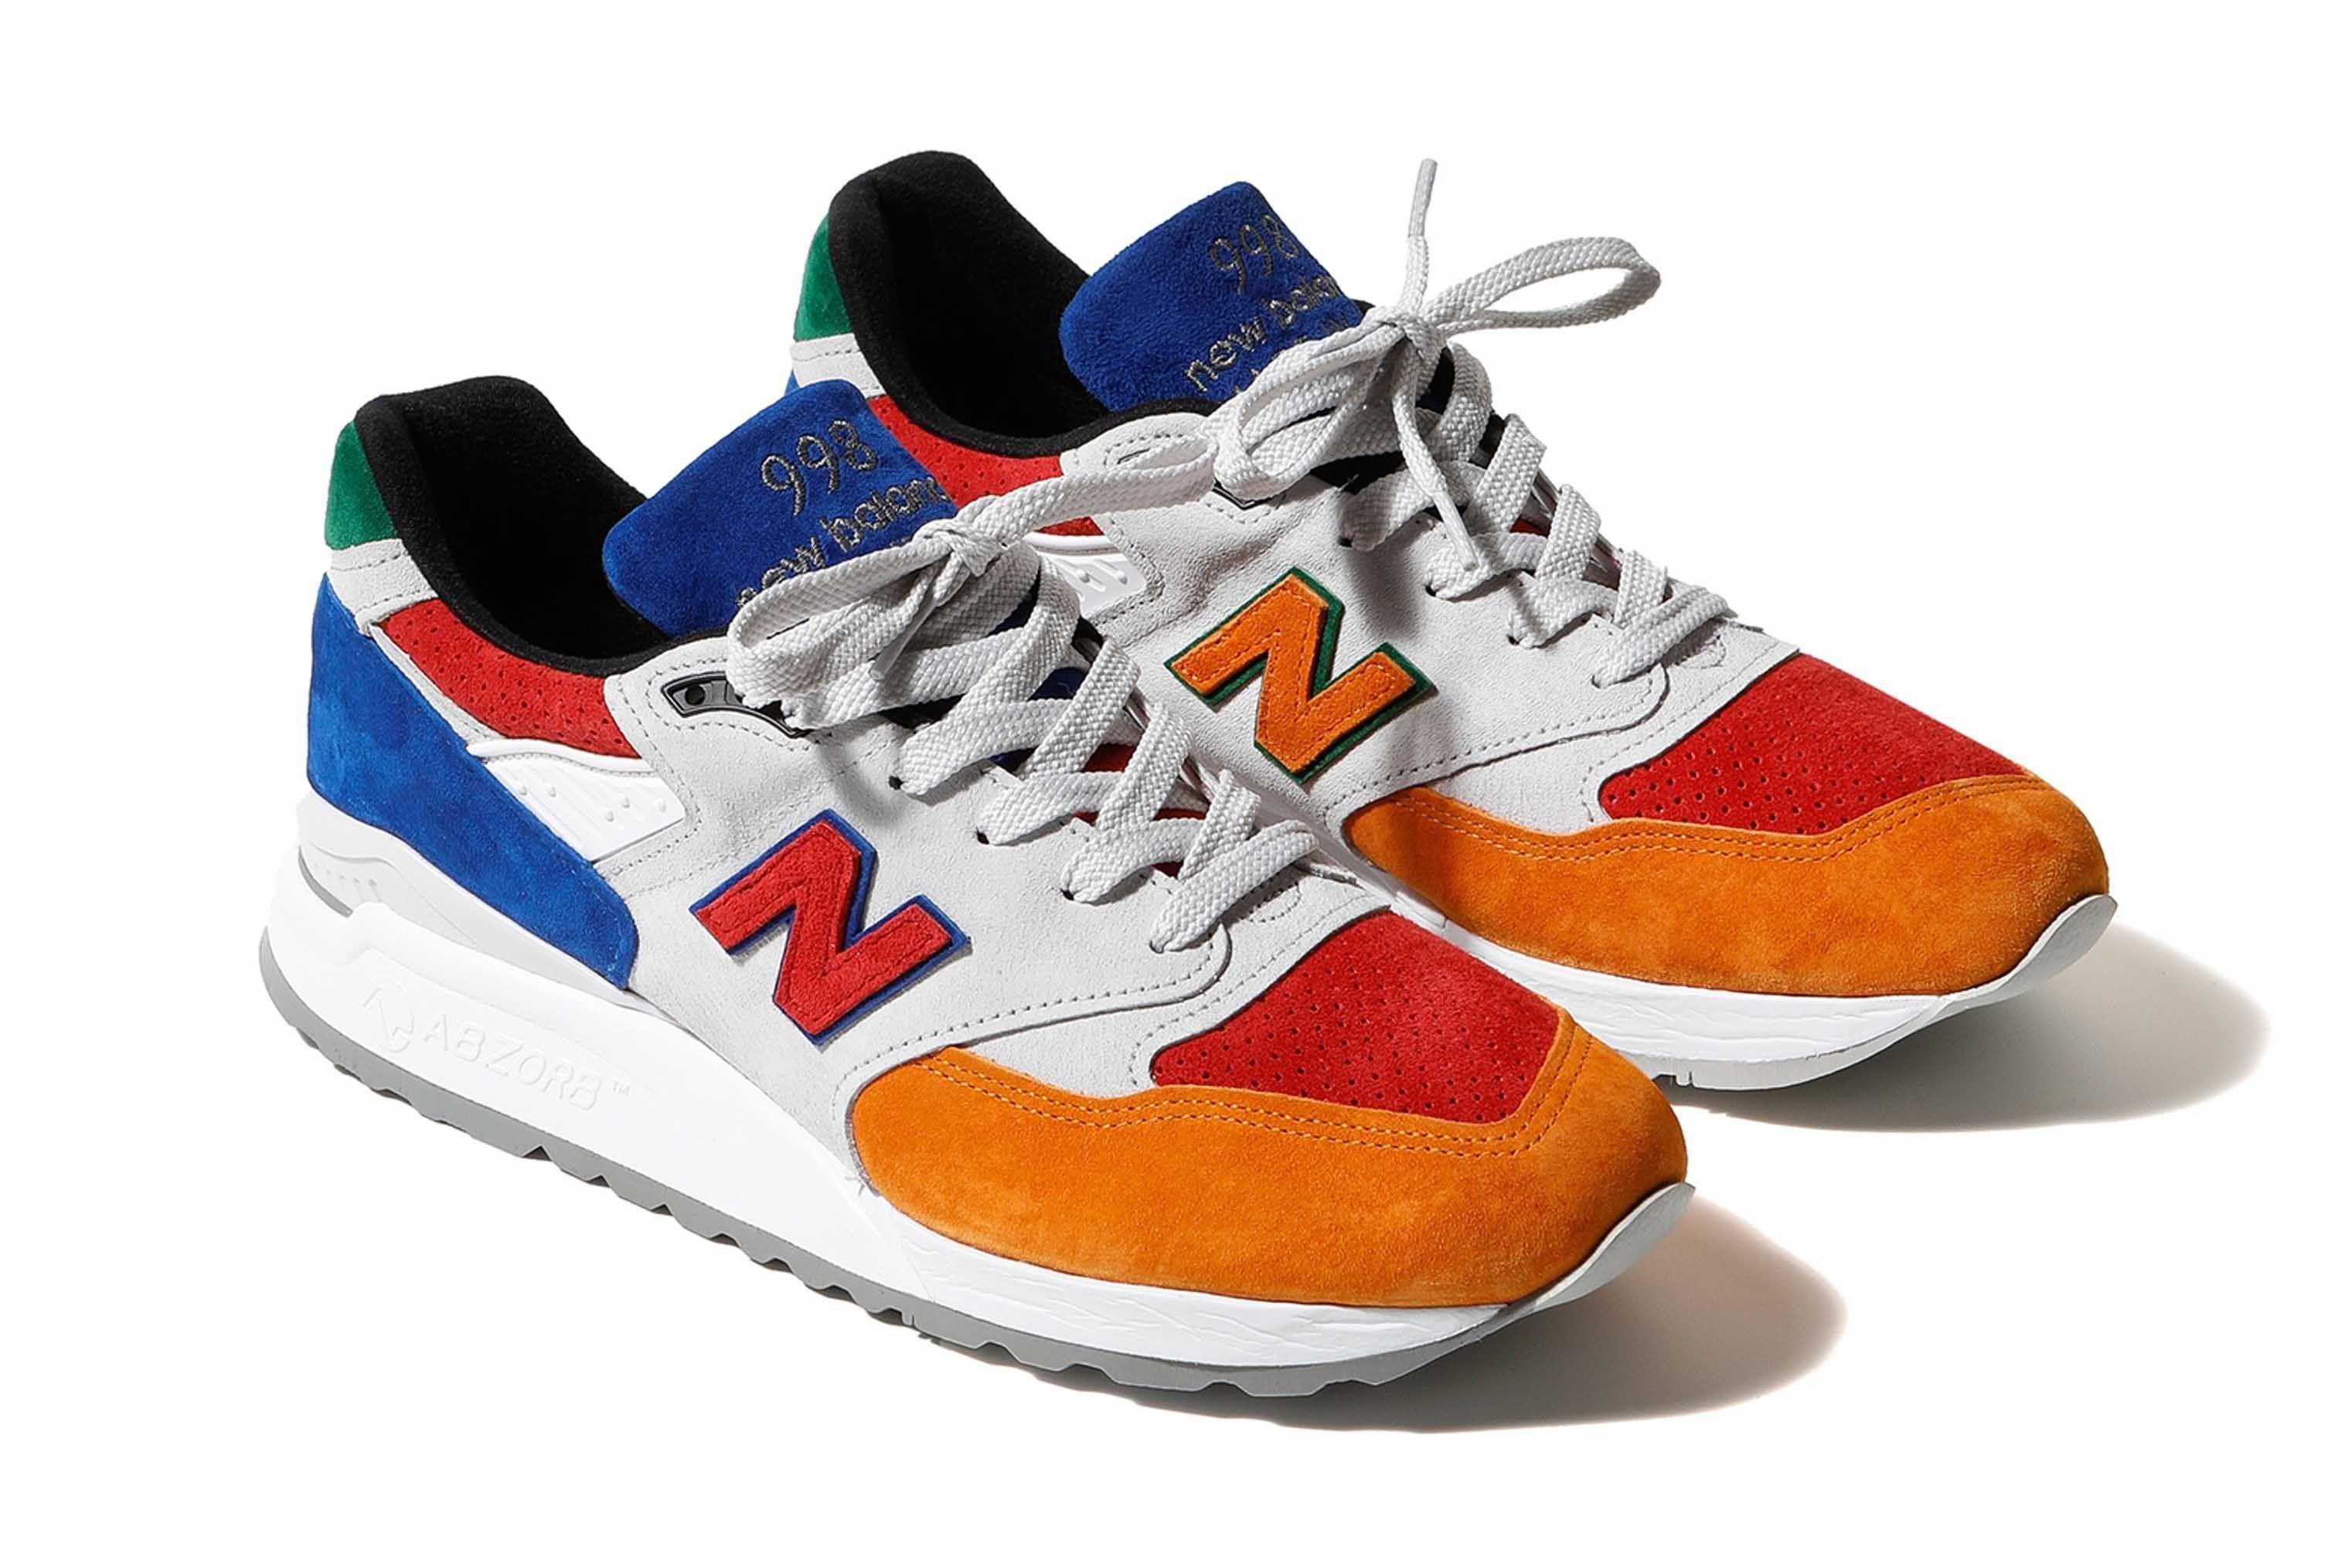 Bodega New Balance 998 Mass Transit Release Date 4 Sneaker Freaker